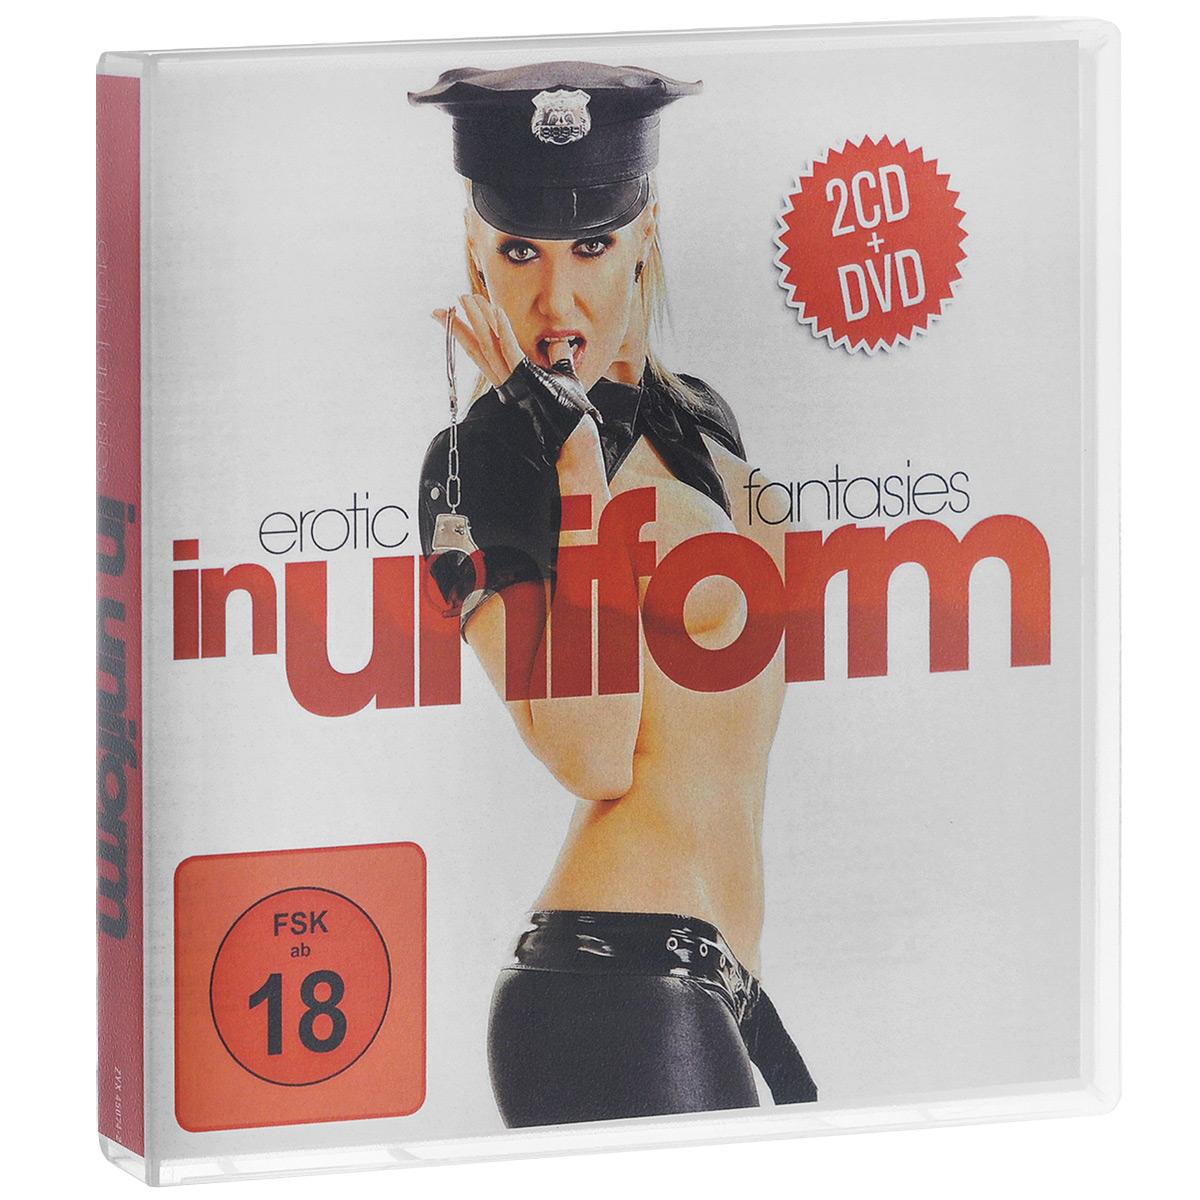 Erotic Fantasies In Uniform (2 CD + DVD)